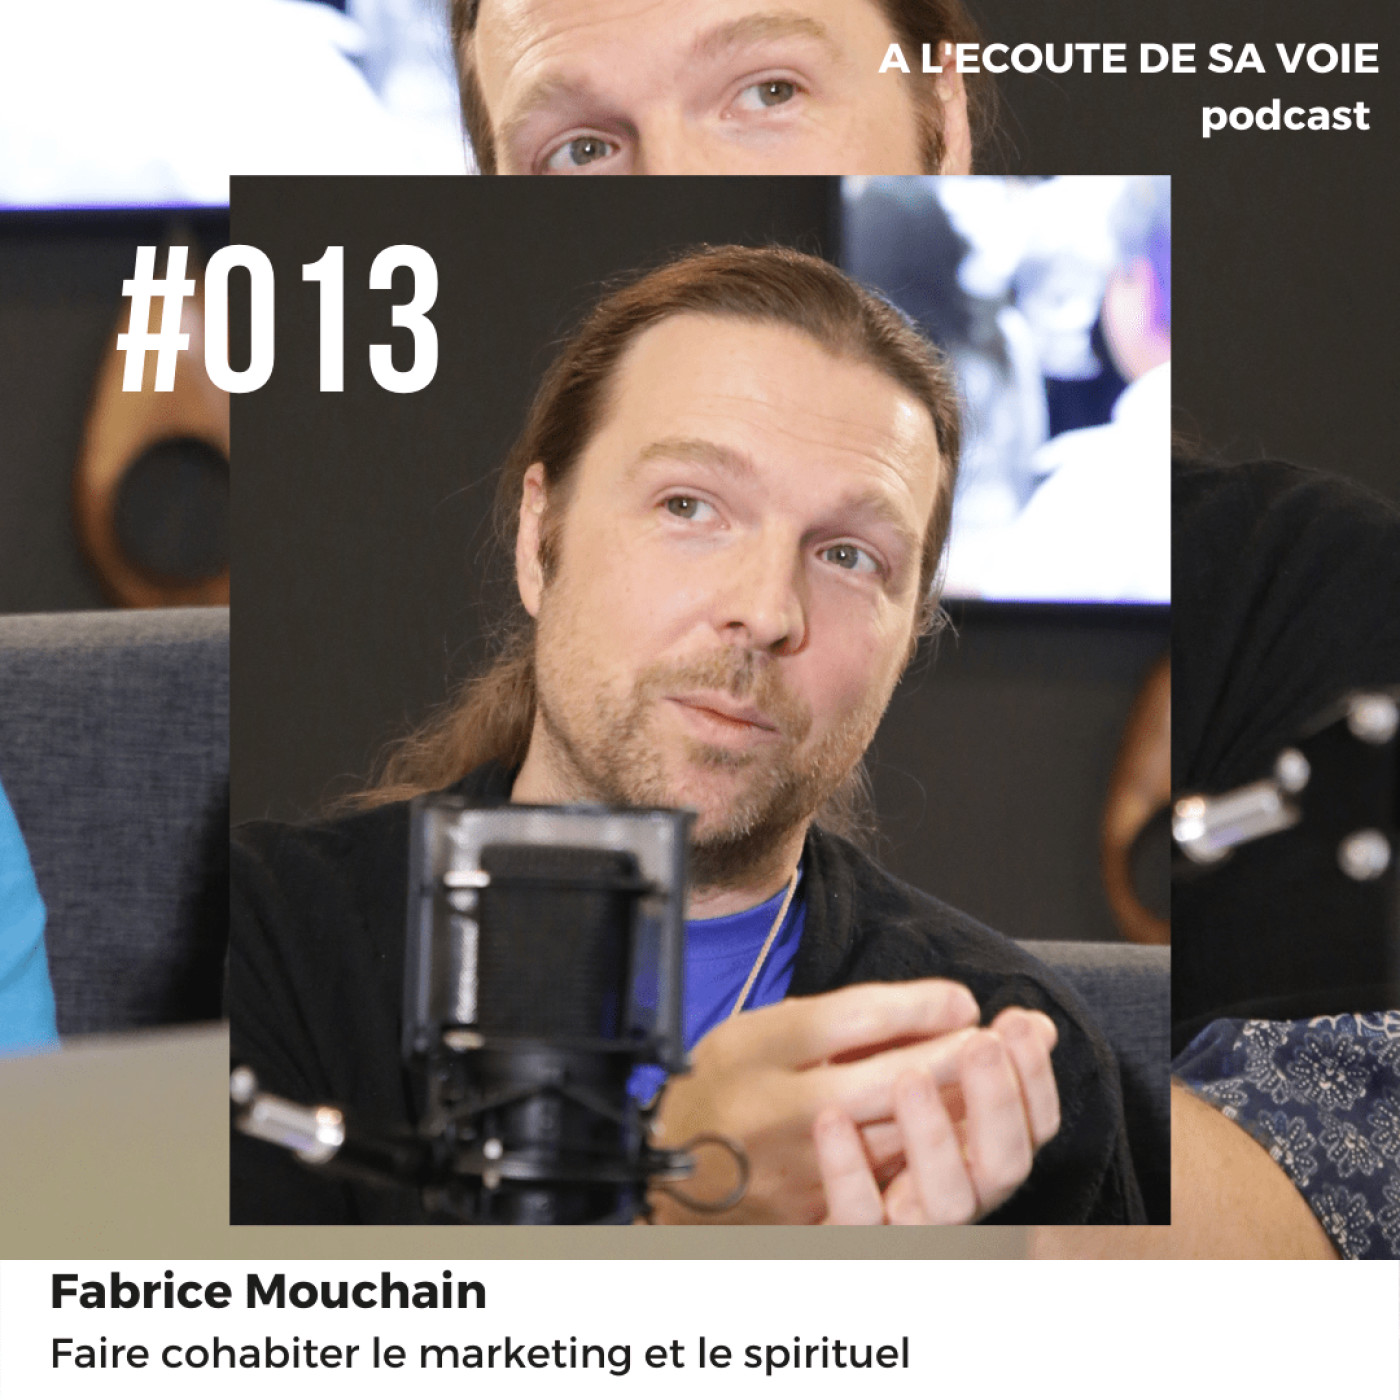 #013 Fabrice Mouchain - Faire cohabiter le marketing et le spirituel